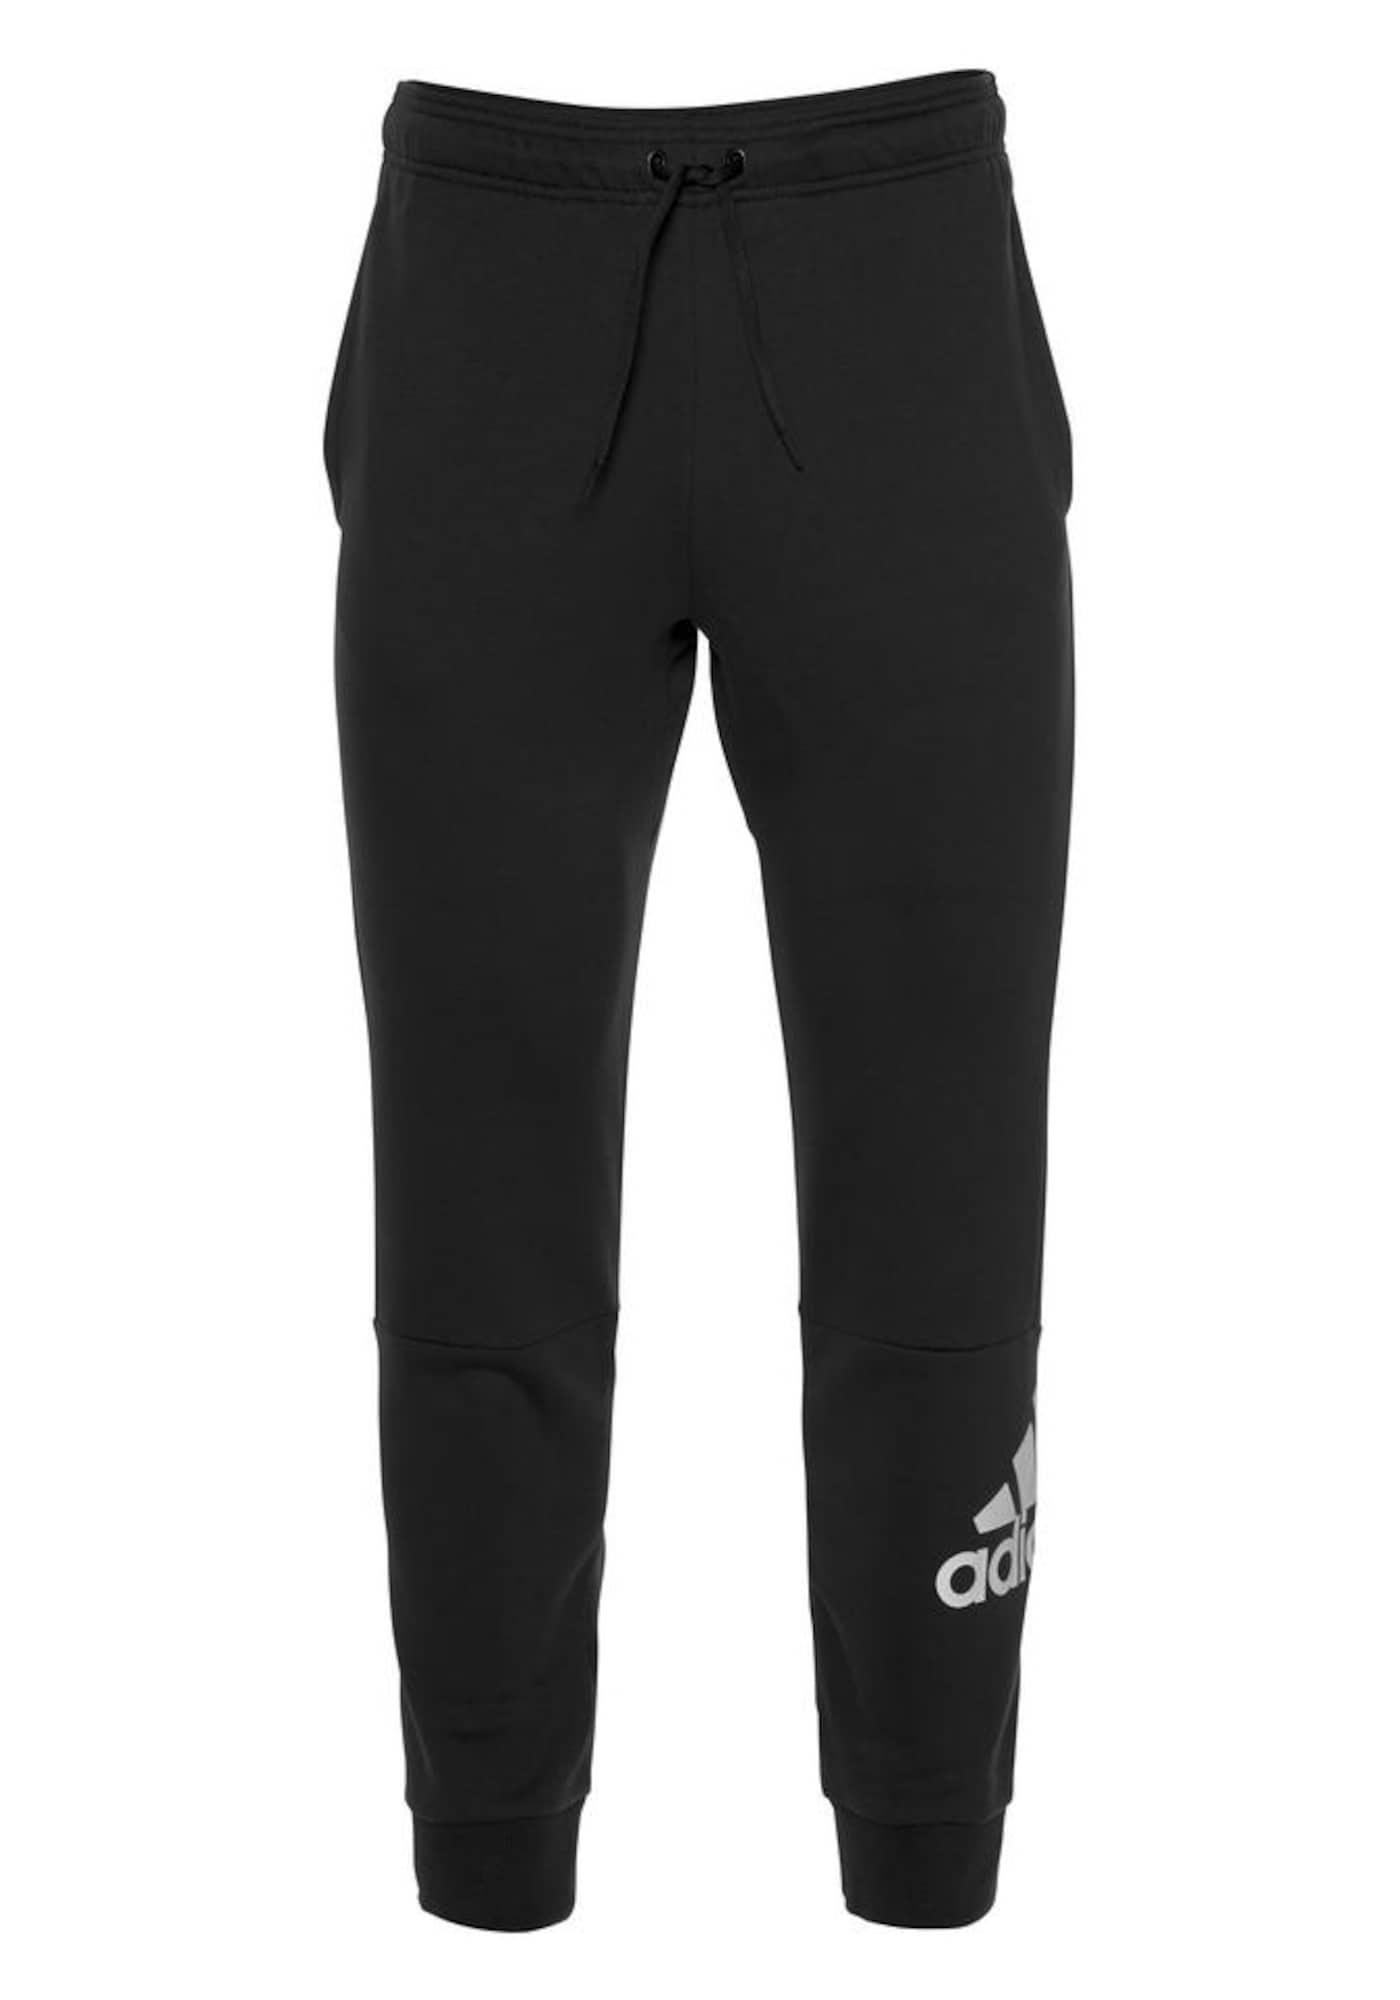 ADIDAS PERFORMANCE Sportinės kelnės 'Mh Bos' juoda